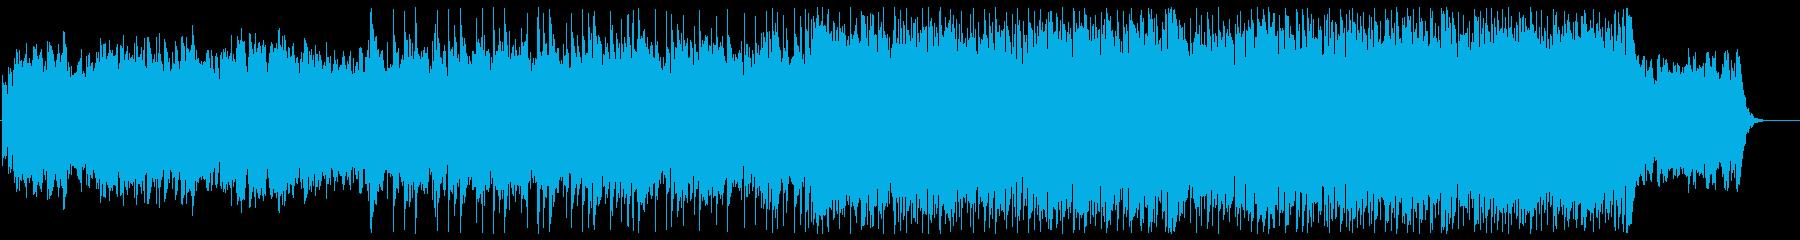 豪華でキラキラしたシンセサイザーの曲の再生済みの波形